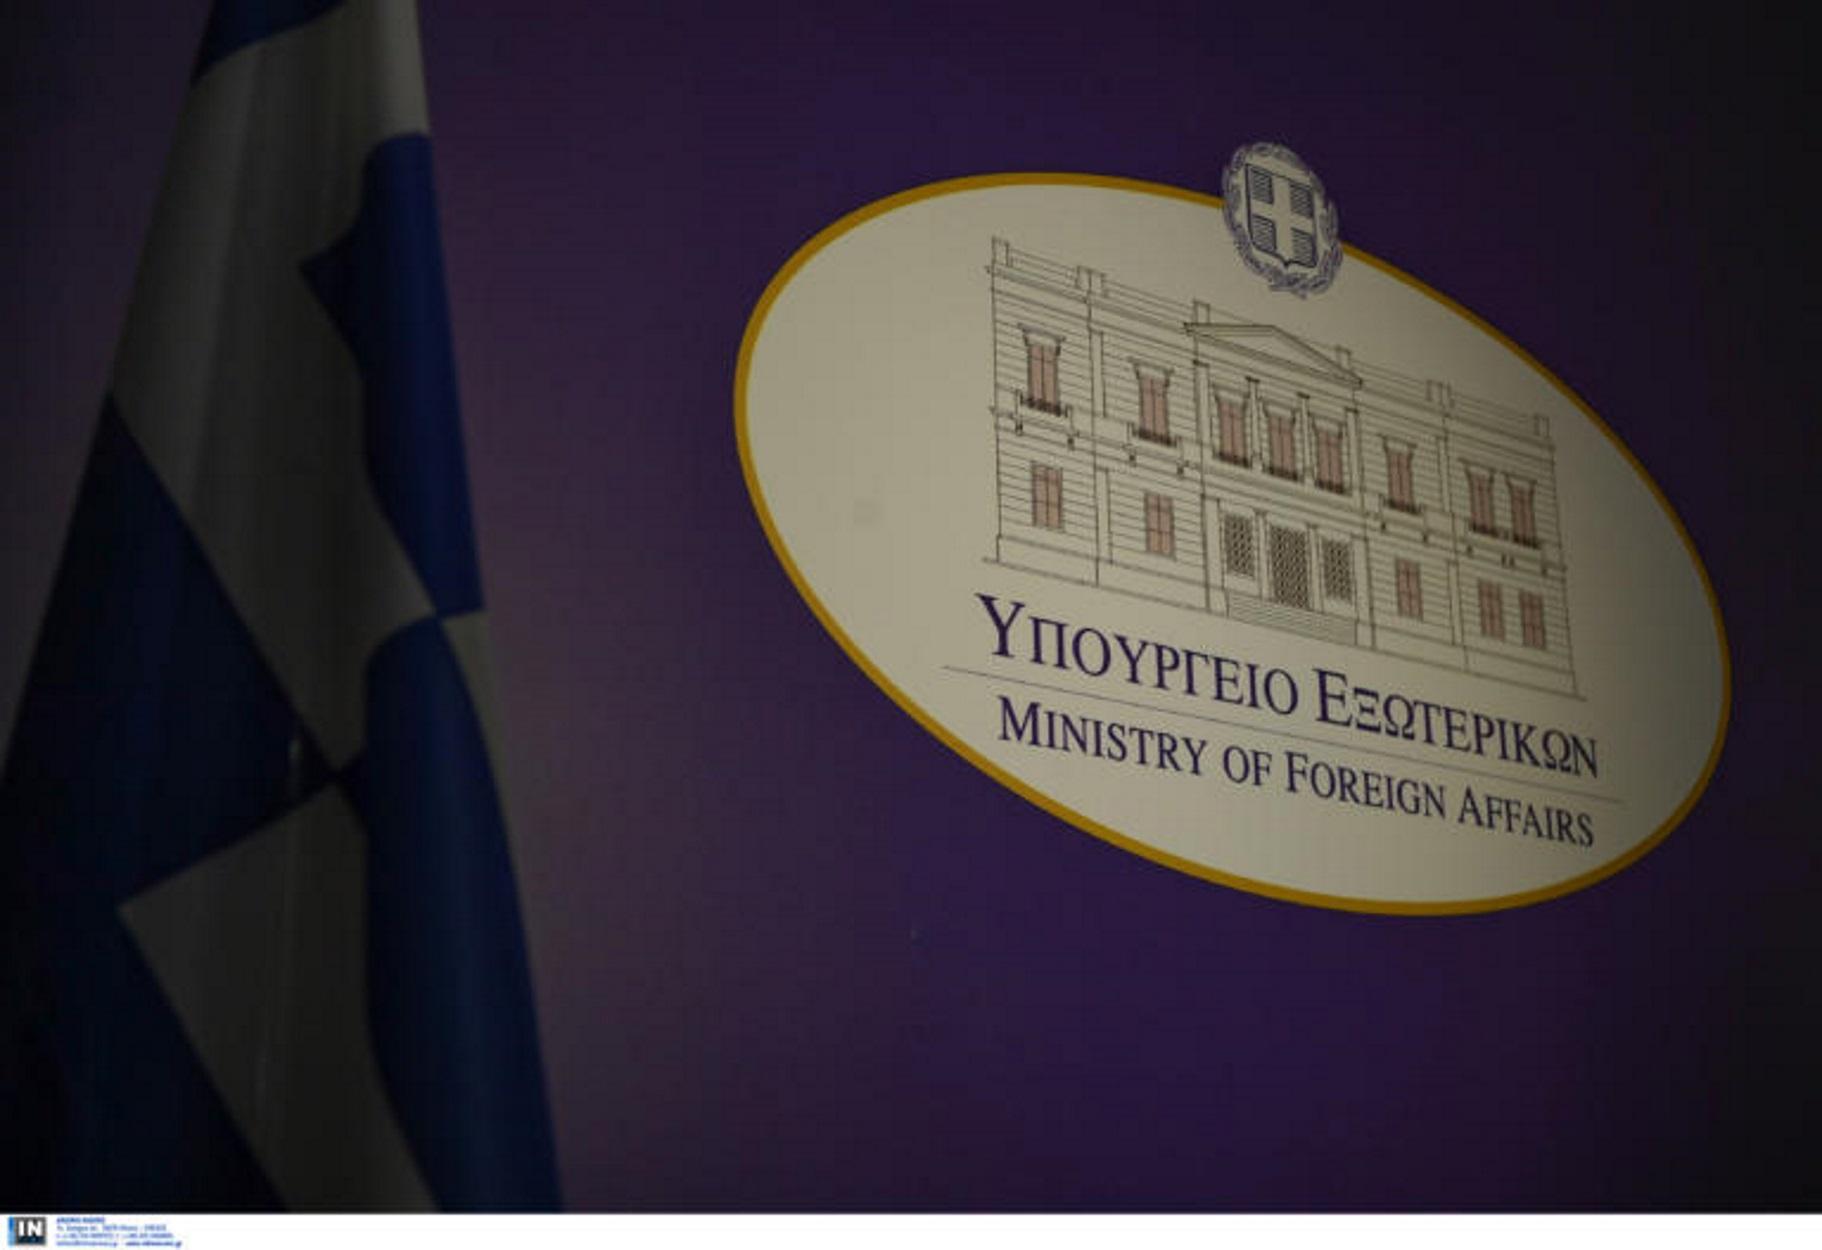 ΥΠΕΞ: Εγκαθίδρυση επαφών με το νέο Προεδρείο στη Λιβύη